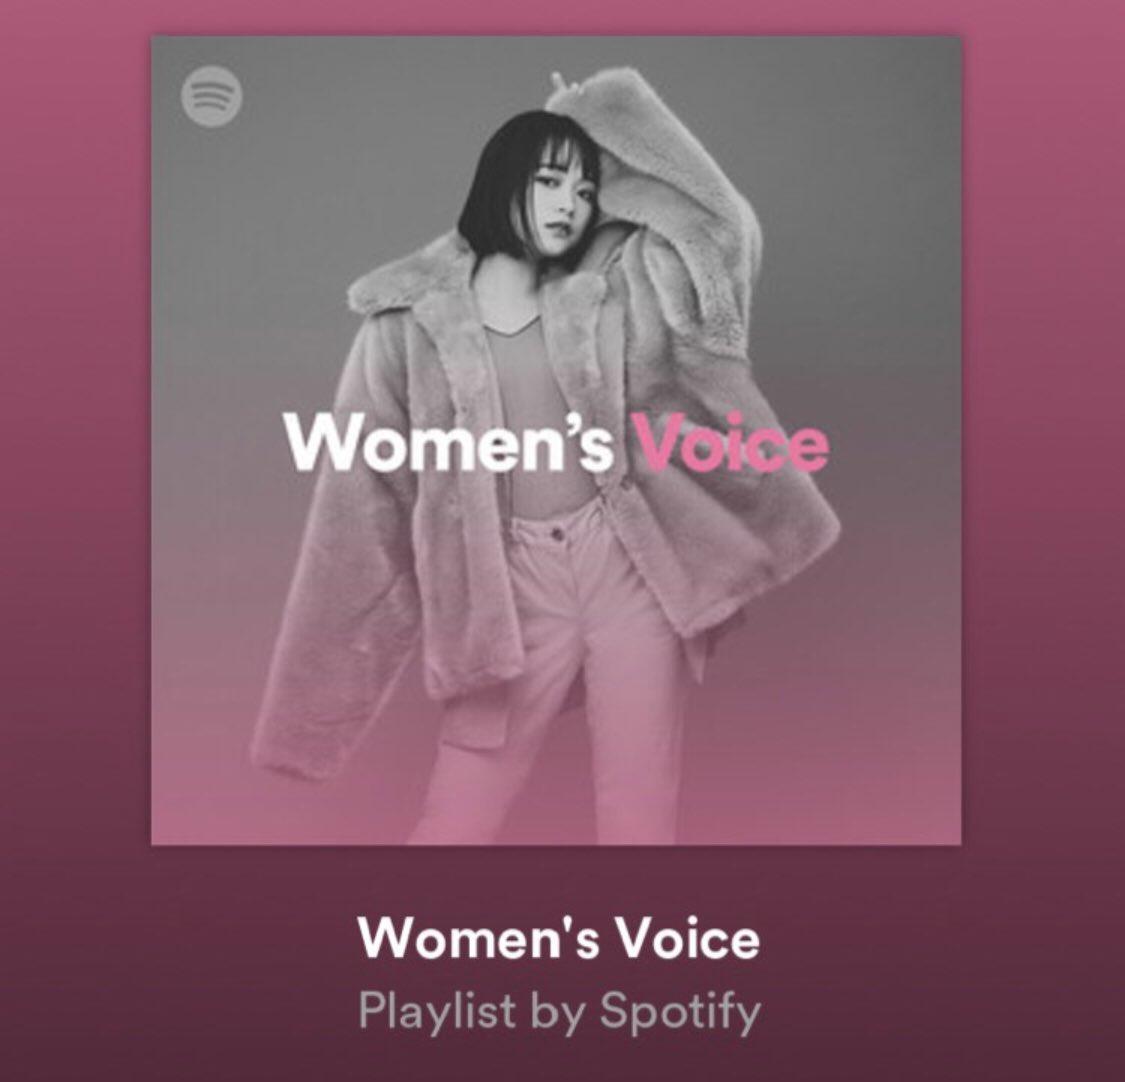 荒木氏の勢いが止まらない。Takara Araki の最新EP  「DIE FOR ME 」収録曲 陰(WOMAN)がSpotify 公式プレイリスト Women's Voice に選ばれました。